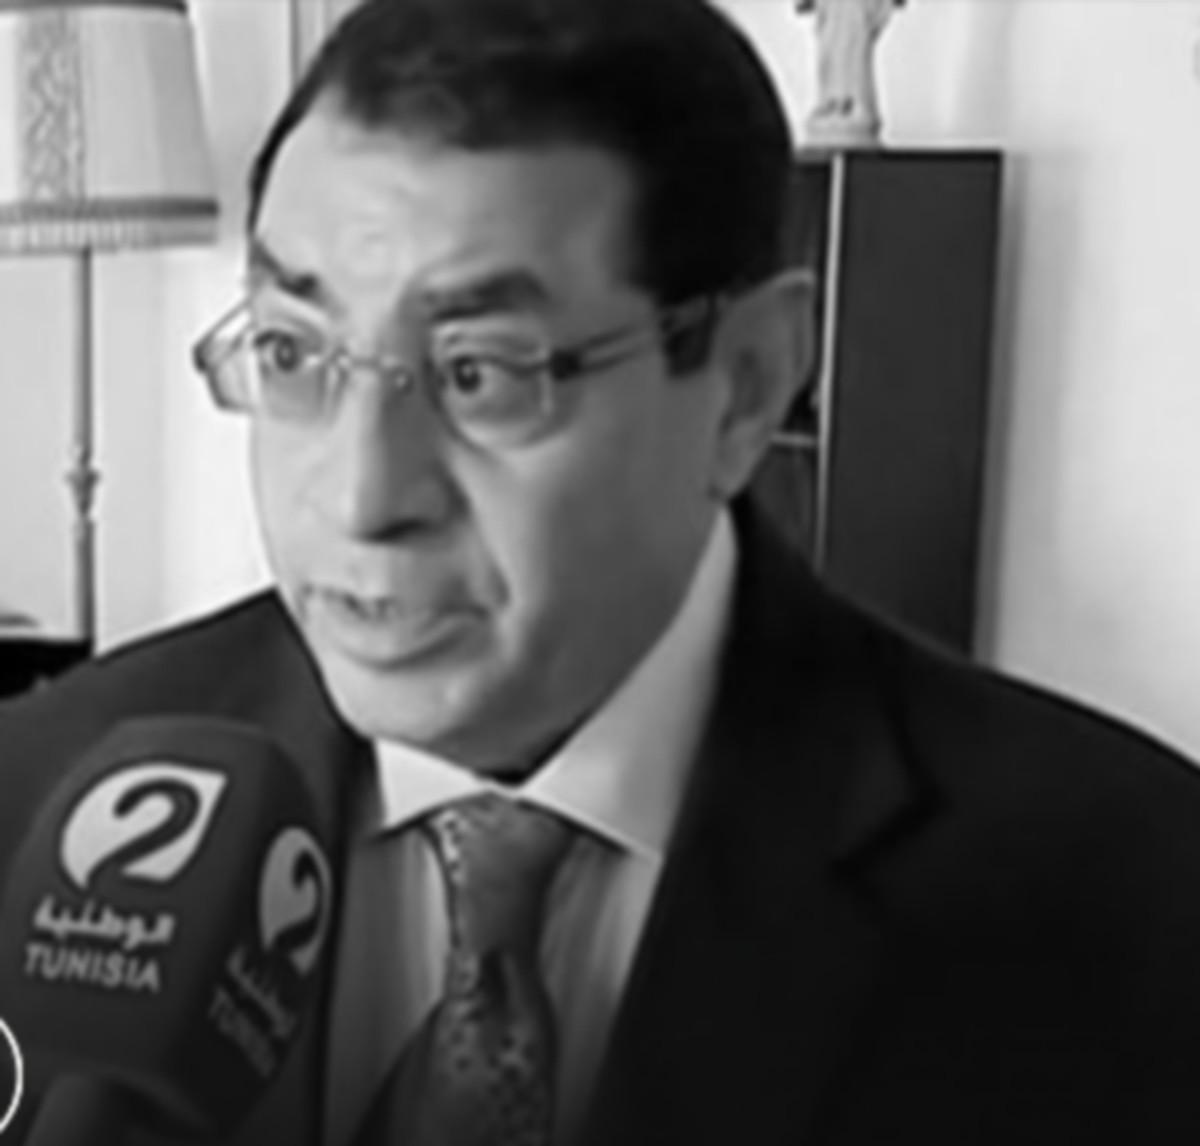 قيدوم الصحافة التونسية محمد المنصف المؤذن في ذمة الله